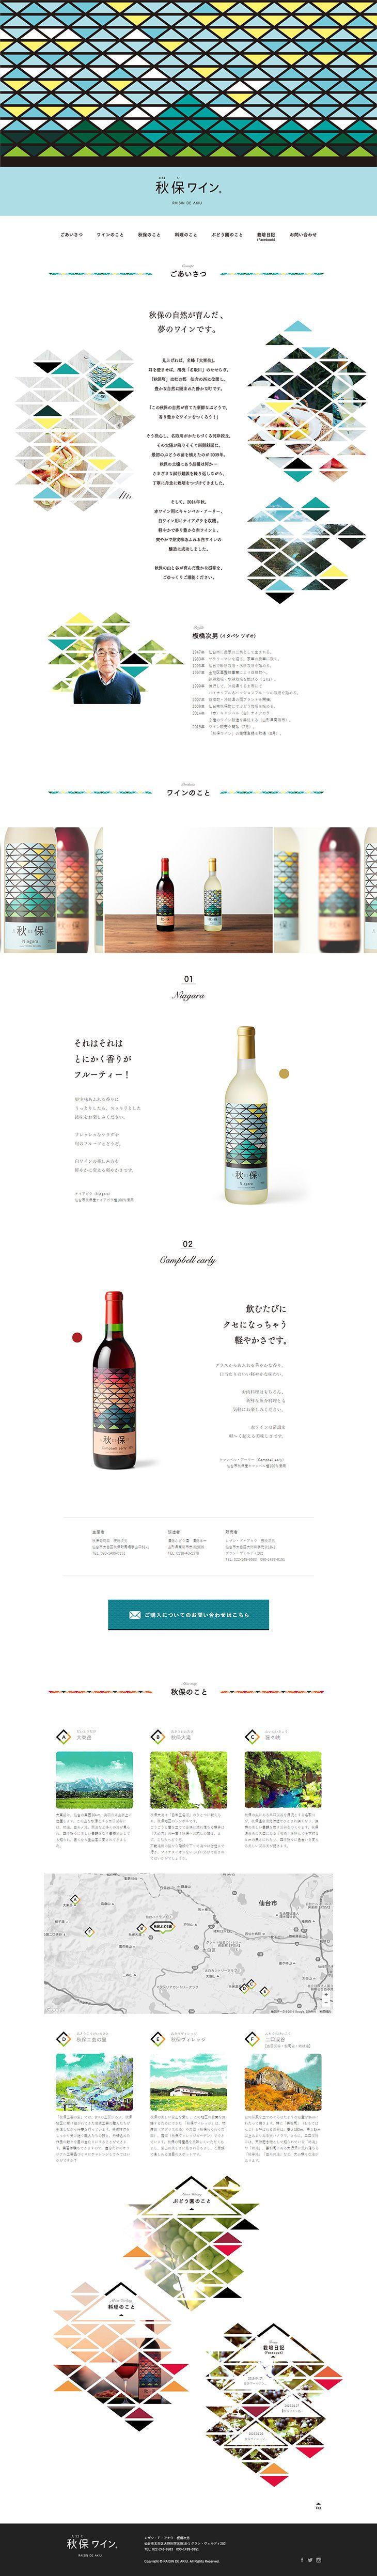 秋保ワイン【飲料・お酒関連】のLPデザイン。WEBデザイナーさん必見!ランディングページのデザイン参考に(シンプル系)